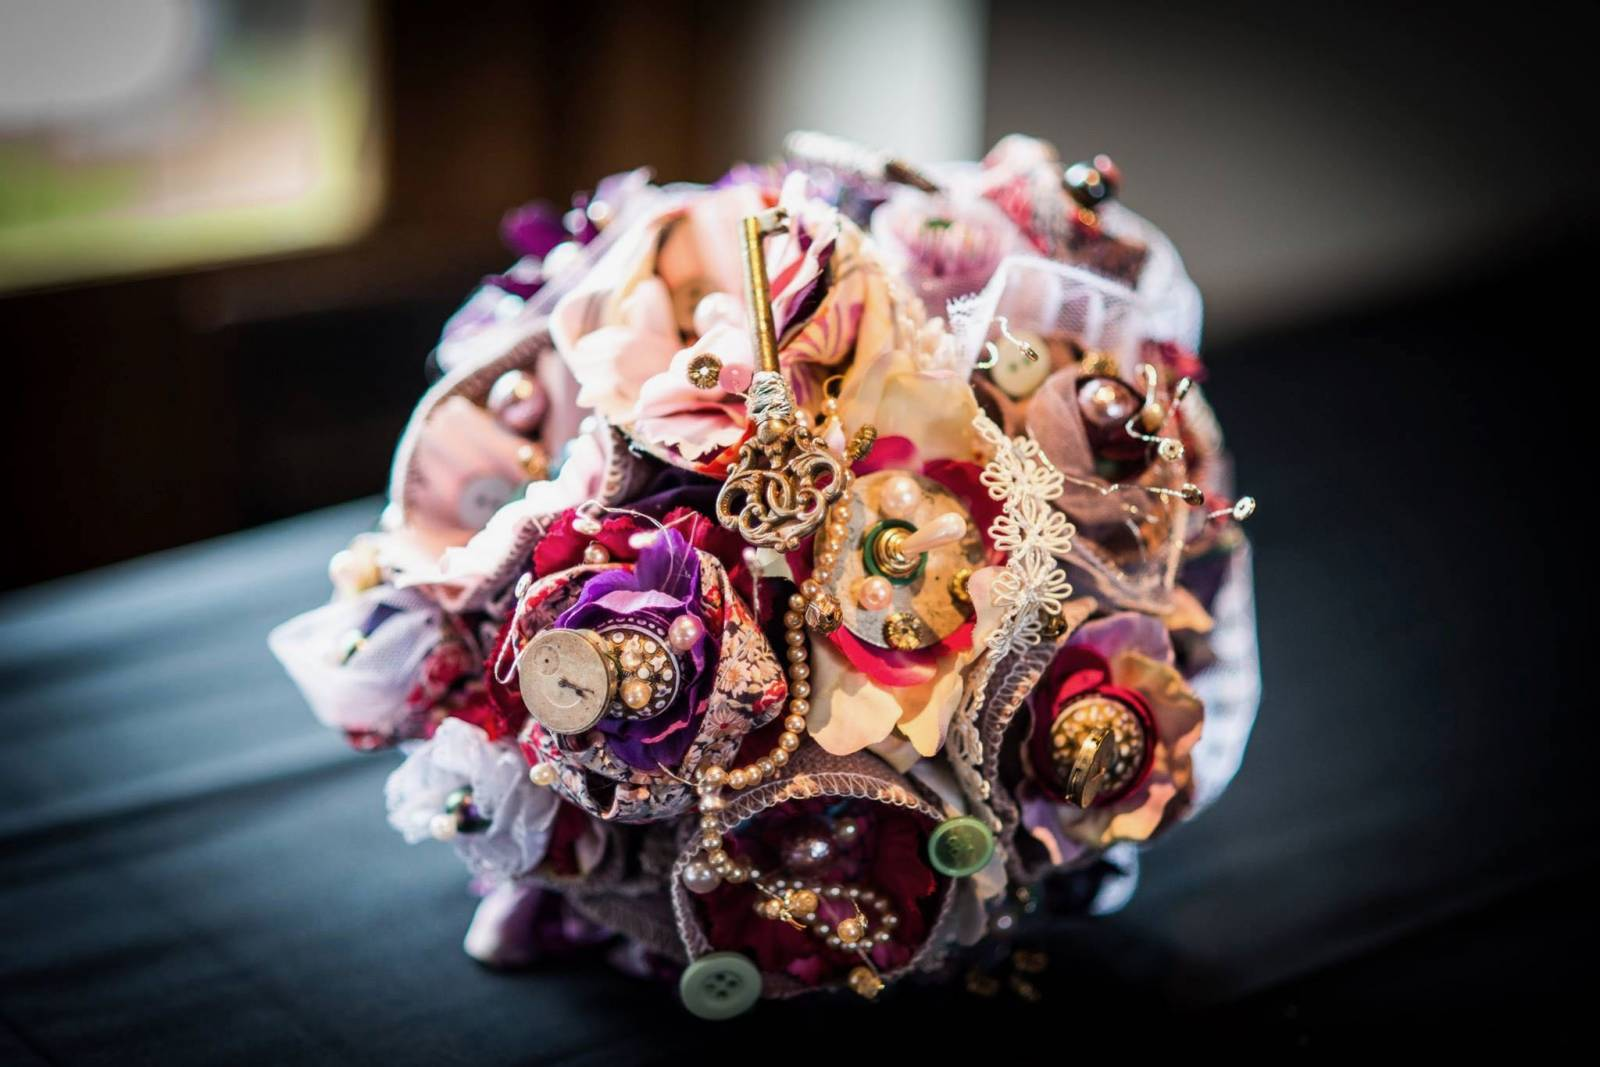 Floral Artists - Bloemen huwelijk trouw bruiloft - Bruidsboeket - Bloemendecoratie - House of Weddings - 6